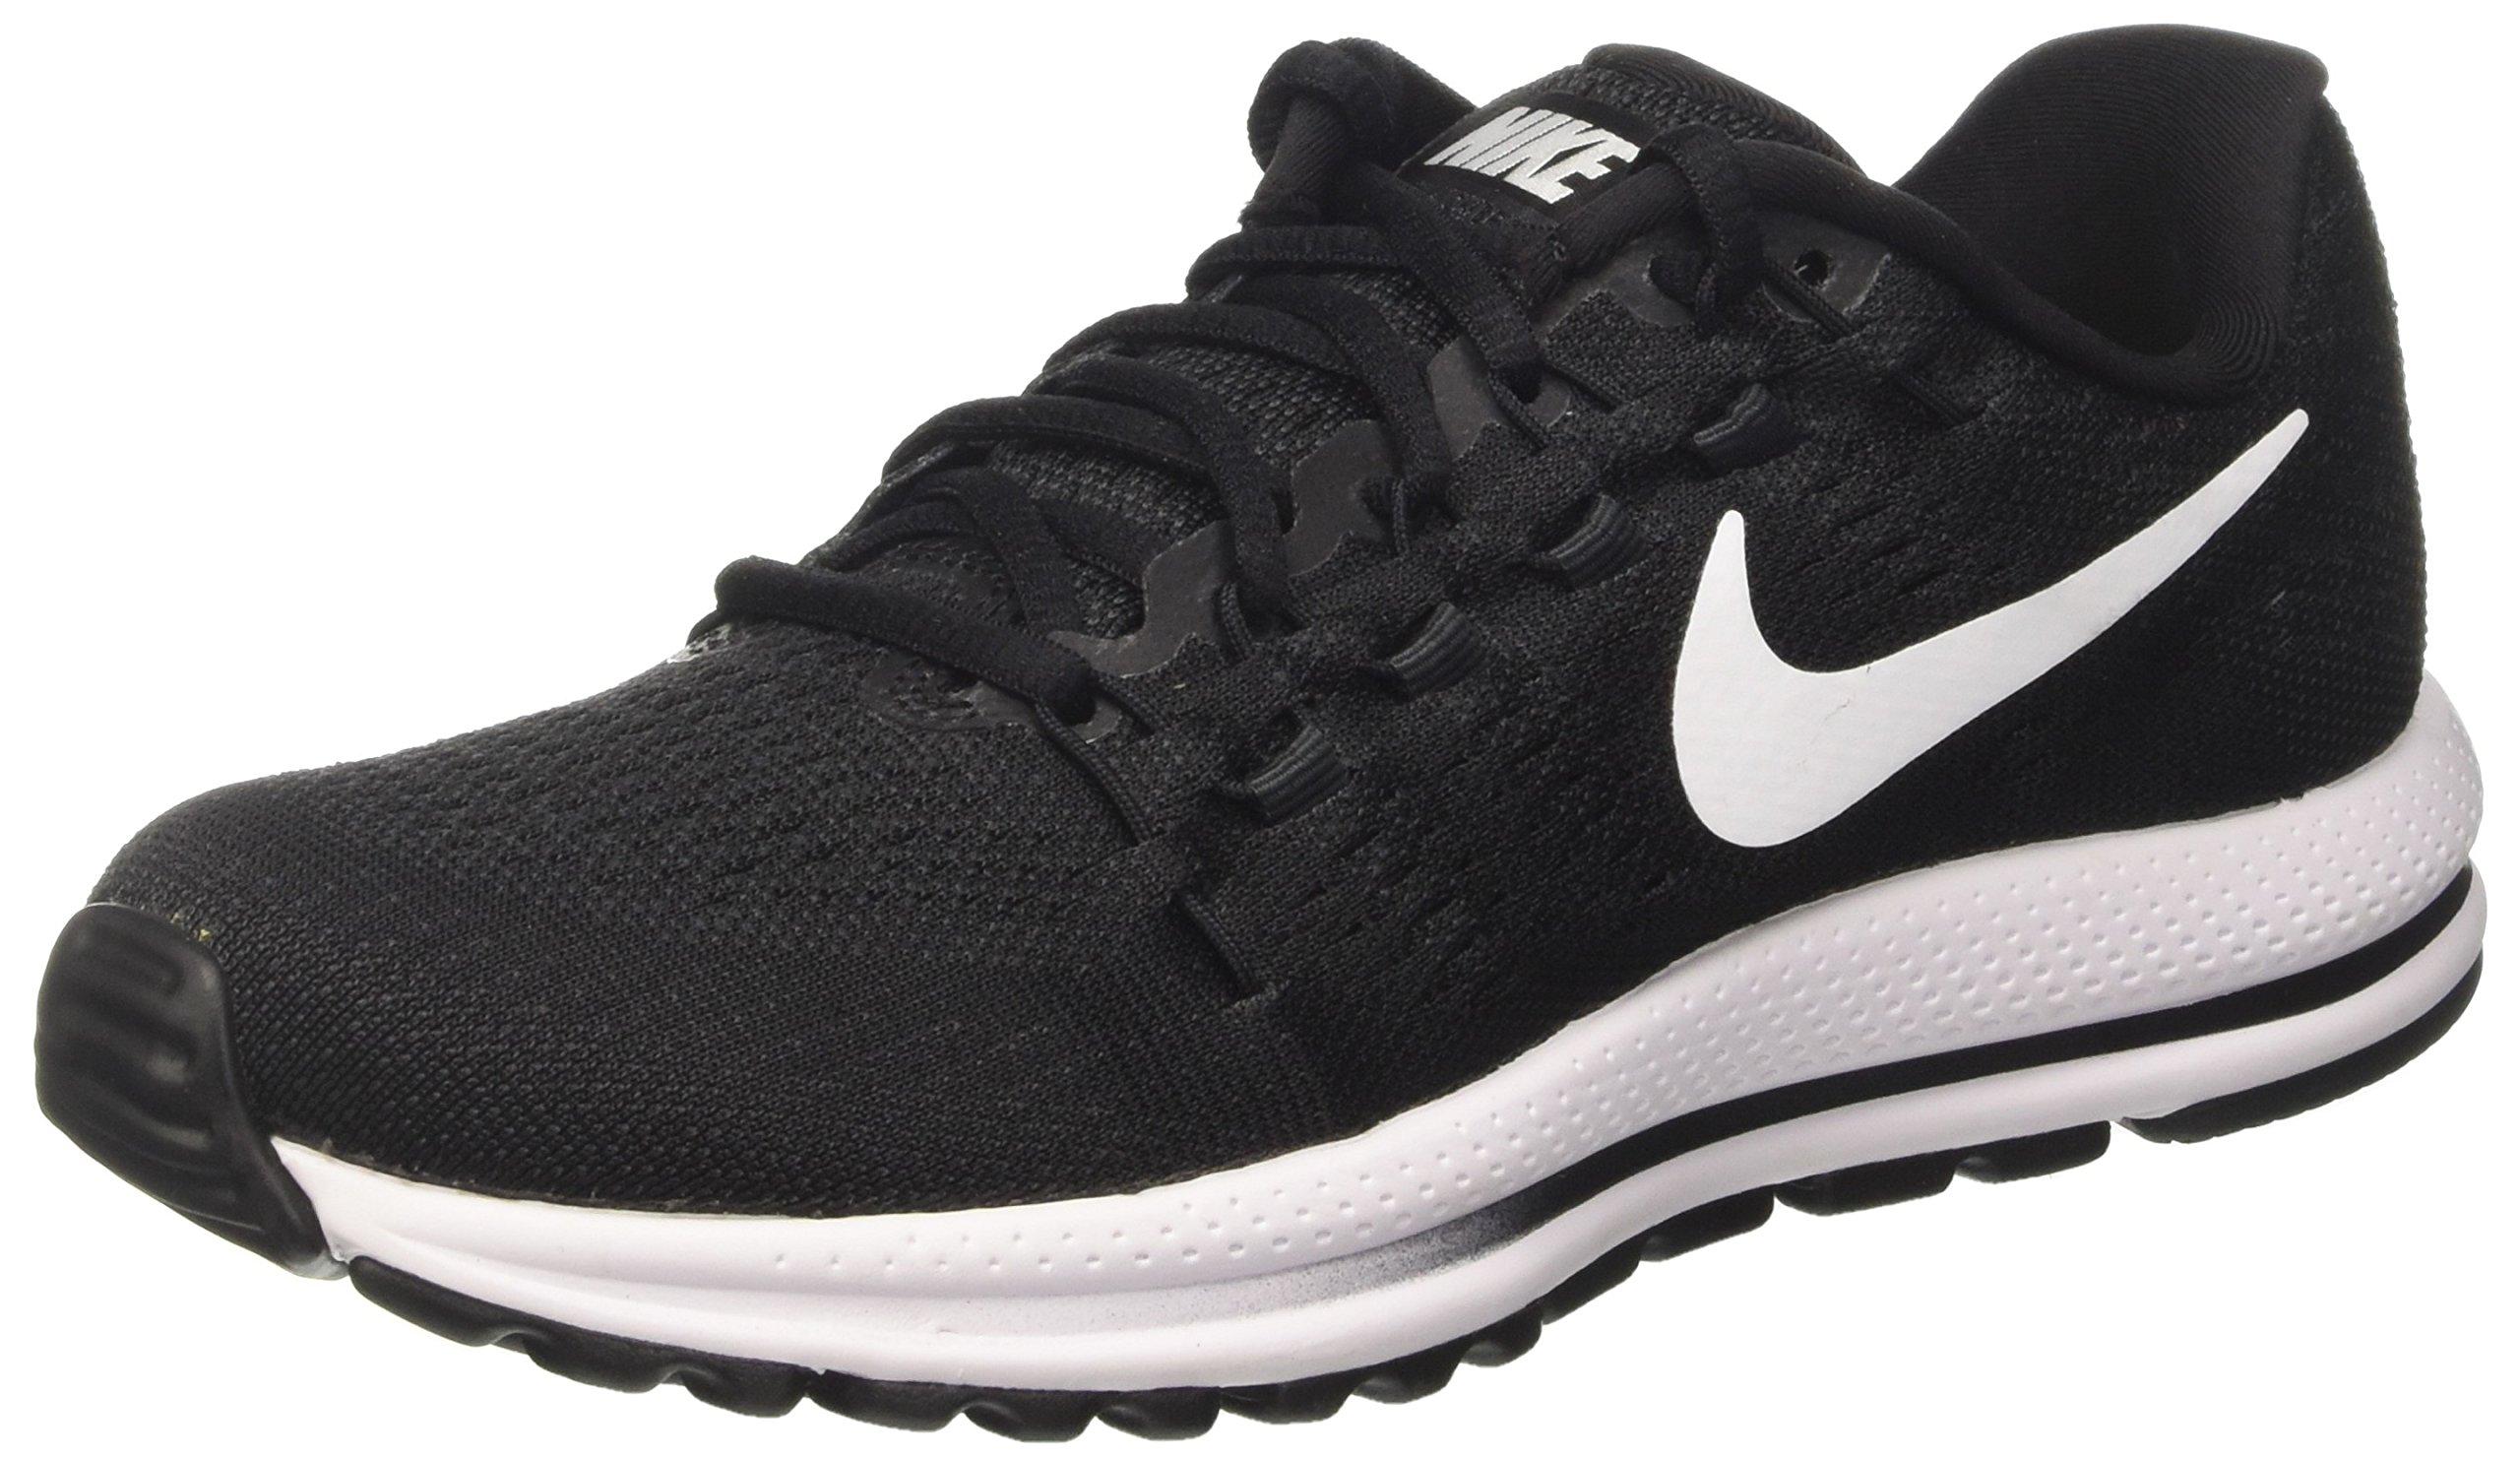 NIKE Womens Air Zoom Vomero 12 Running Shoe Black/Anthracite/White 7 B(M) US